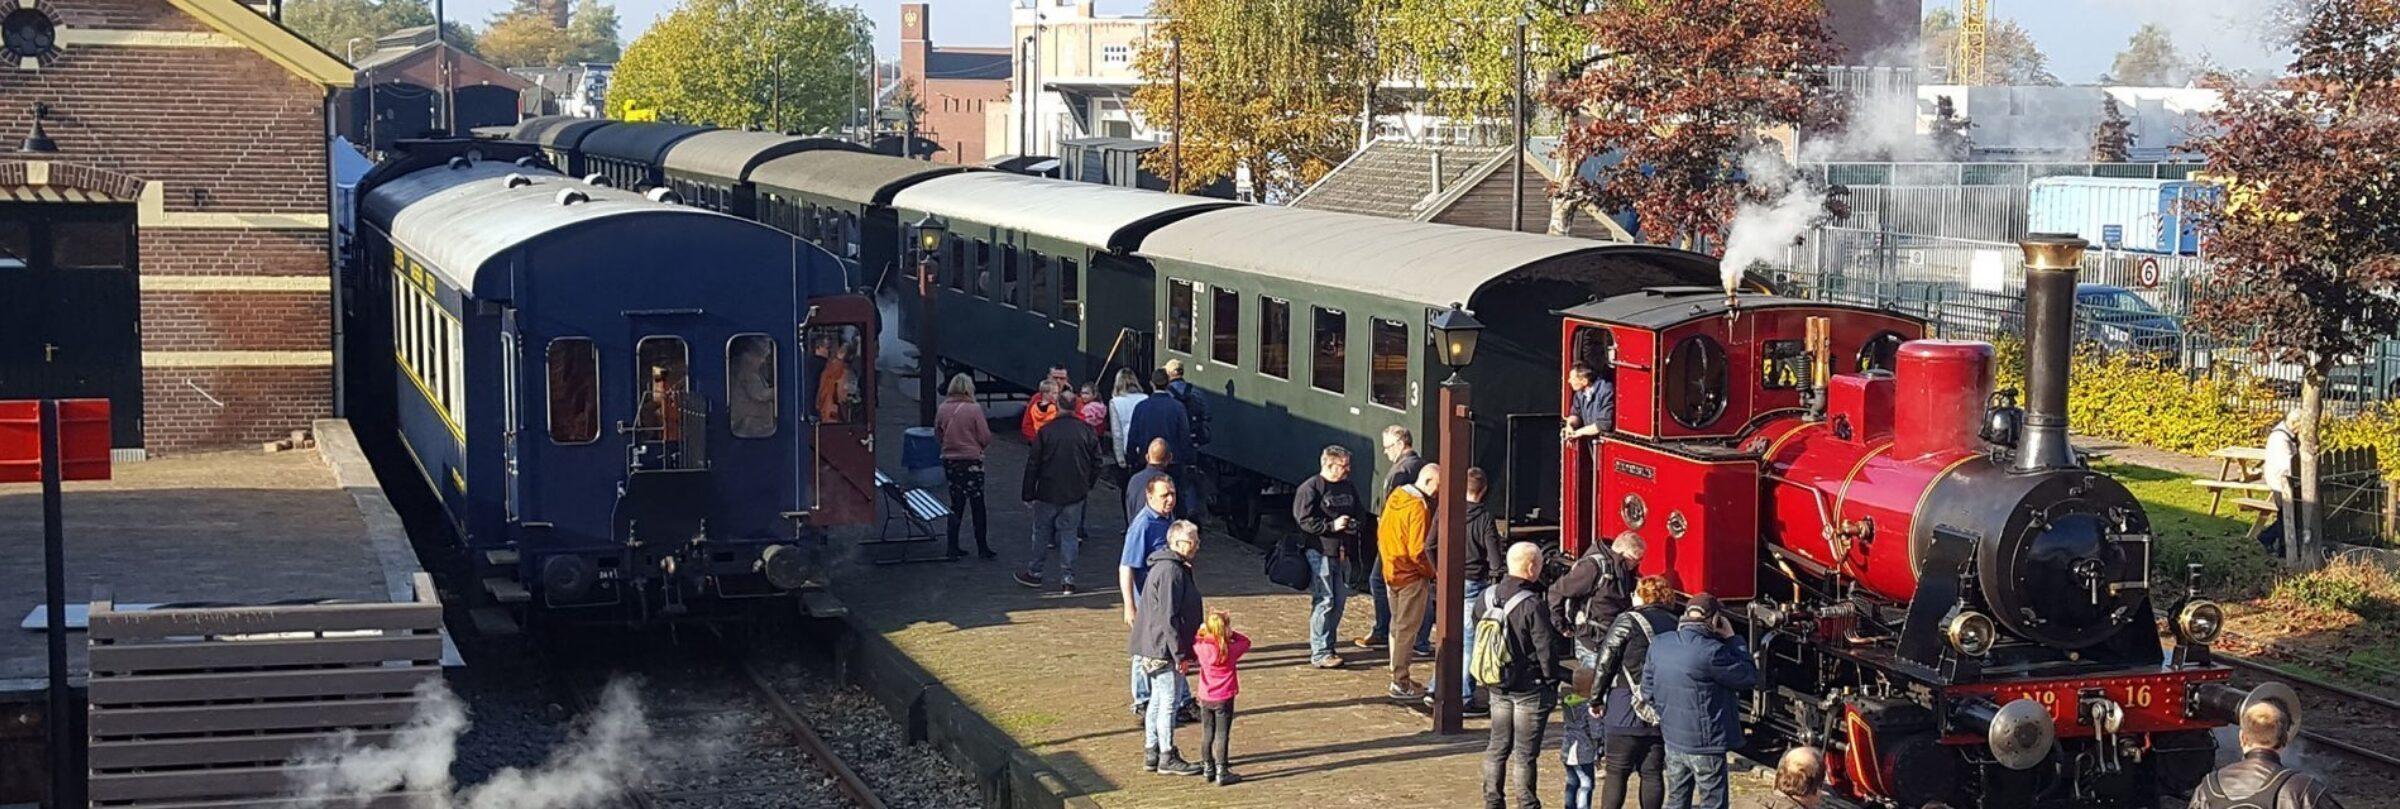 Museum Enschede Buurtspoorweg 3372 1565620816 35hxmmhaya